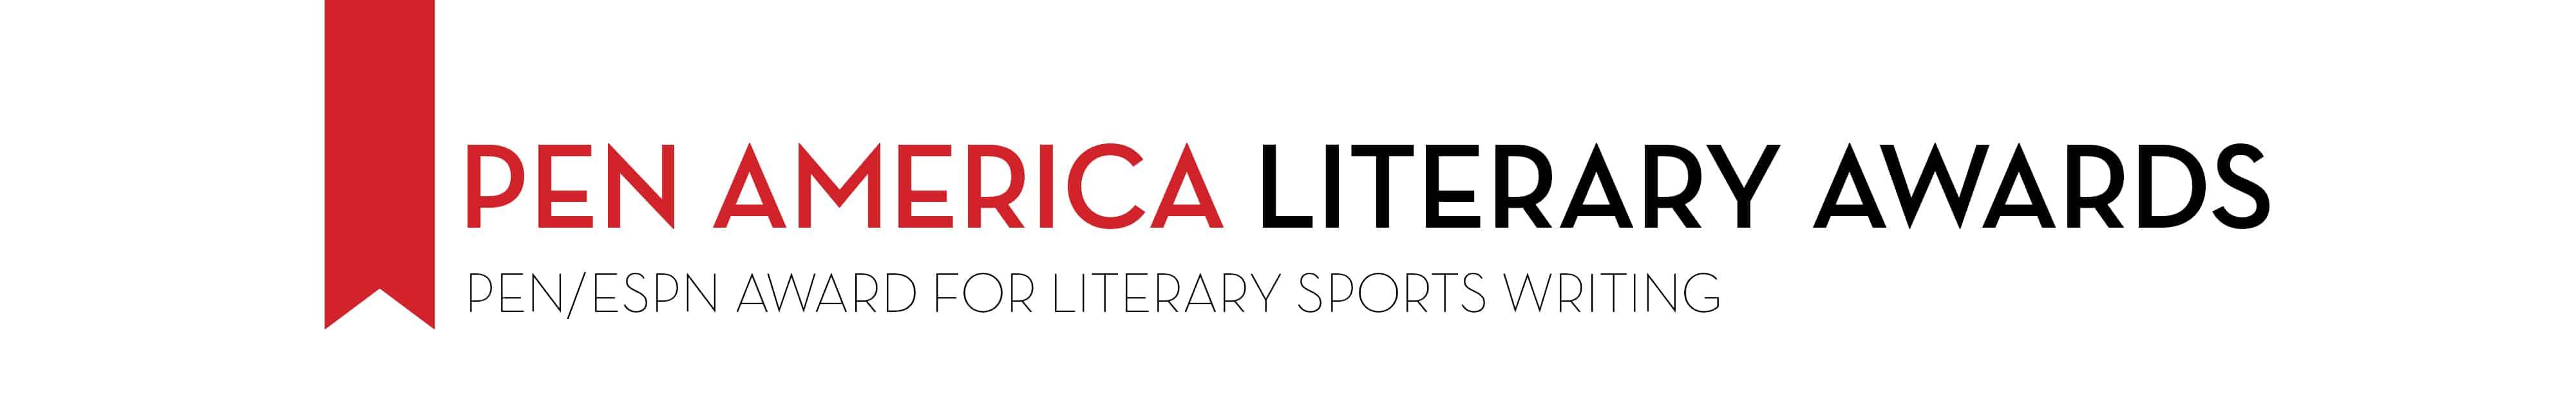 PEN America Literary Awards PEN/ESPN Award